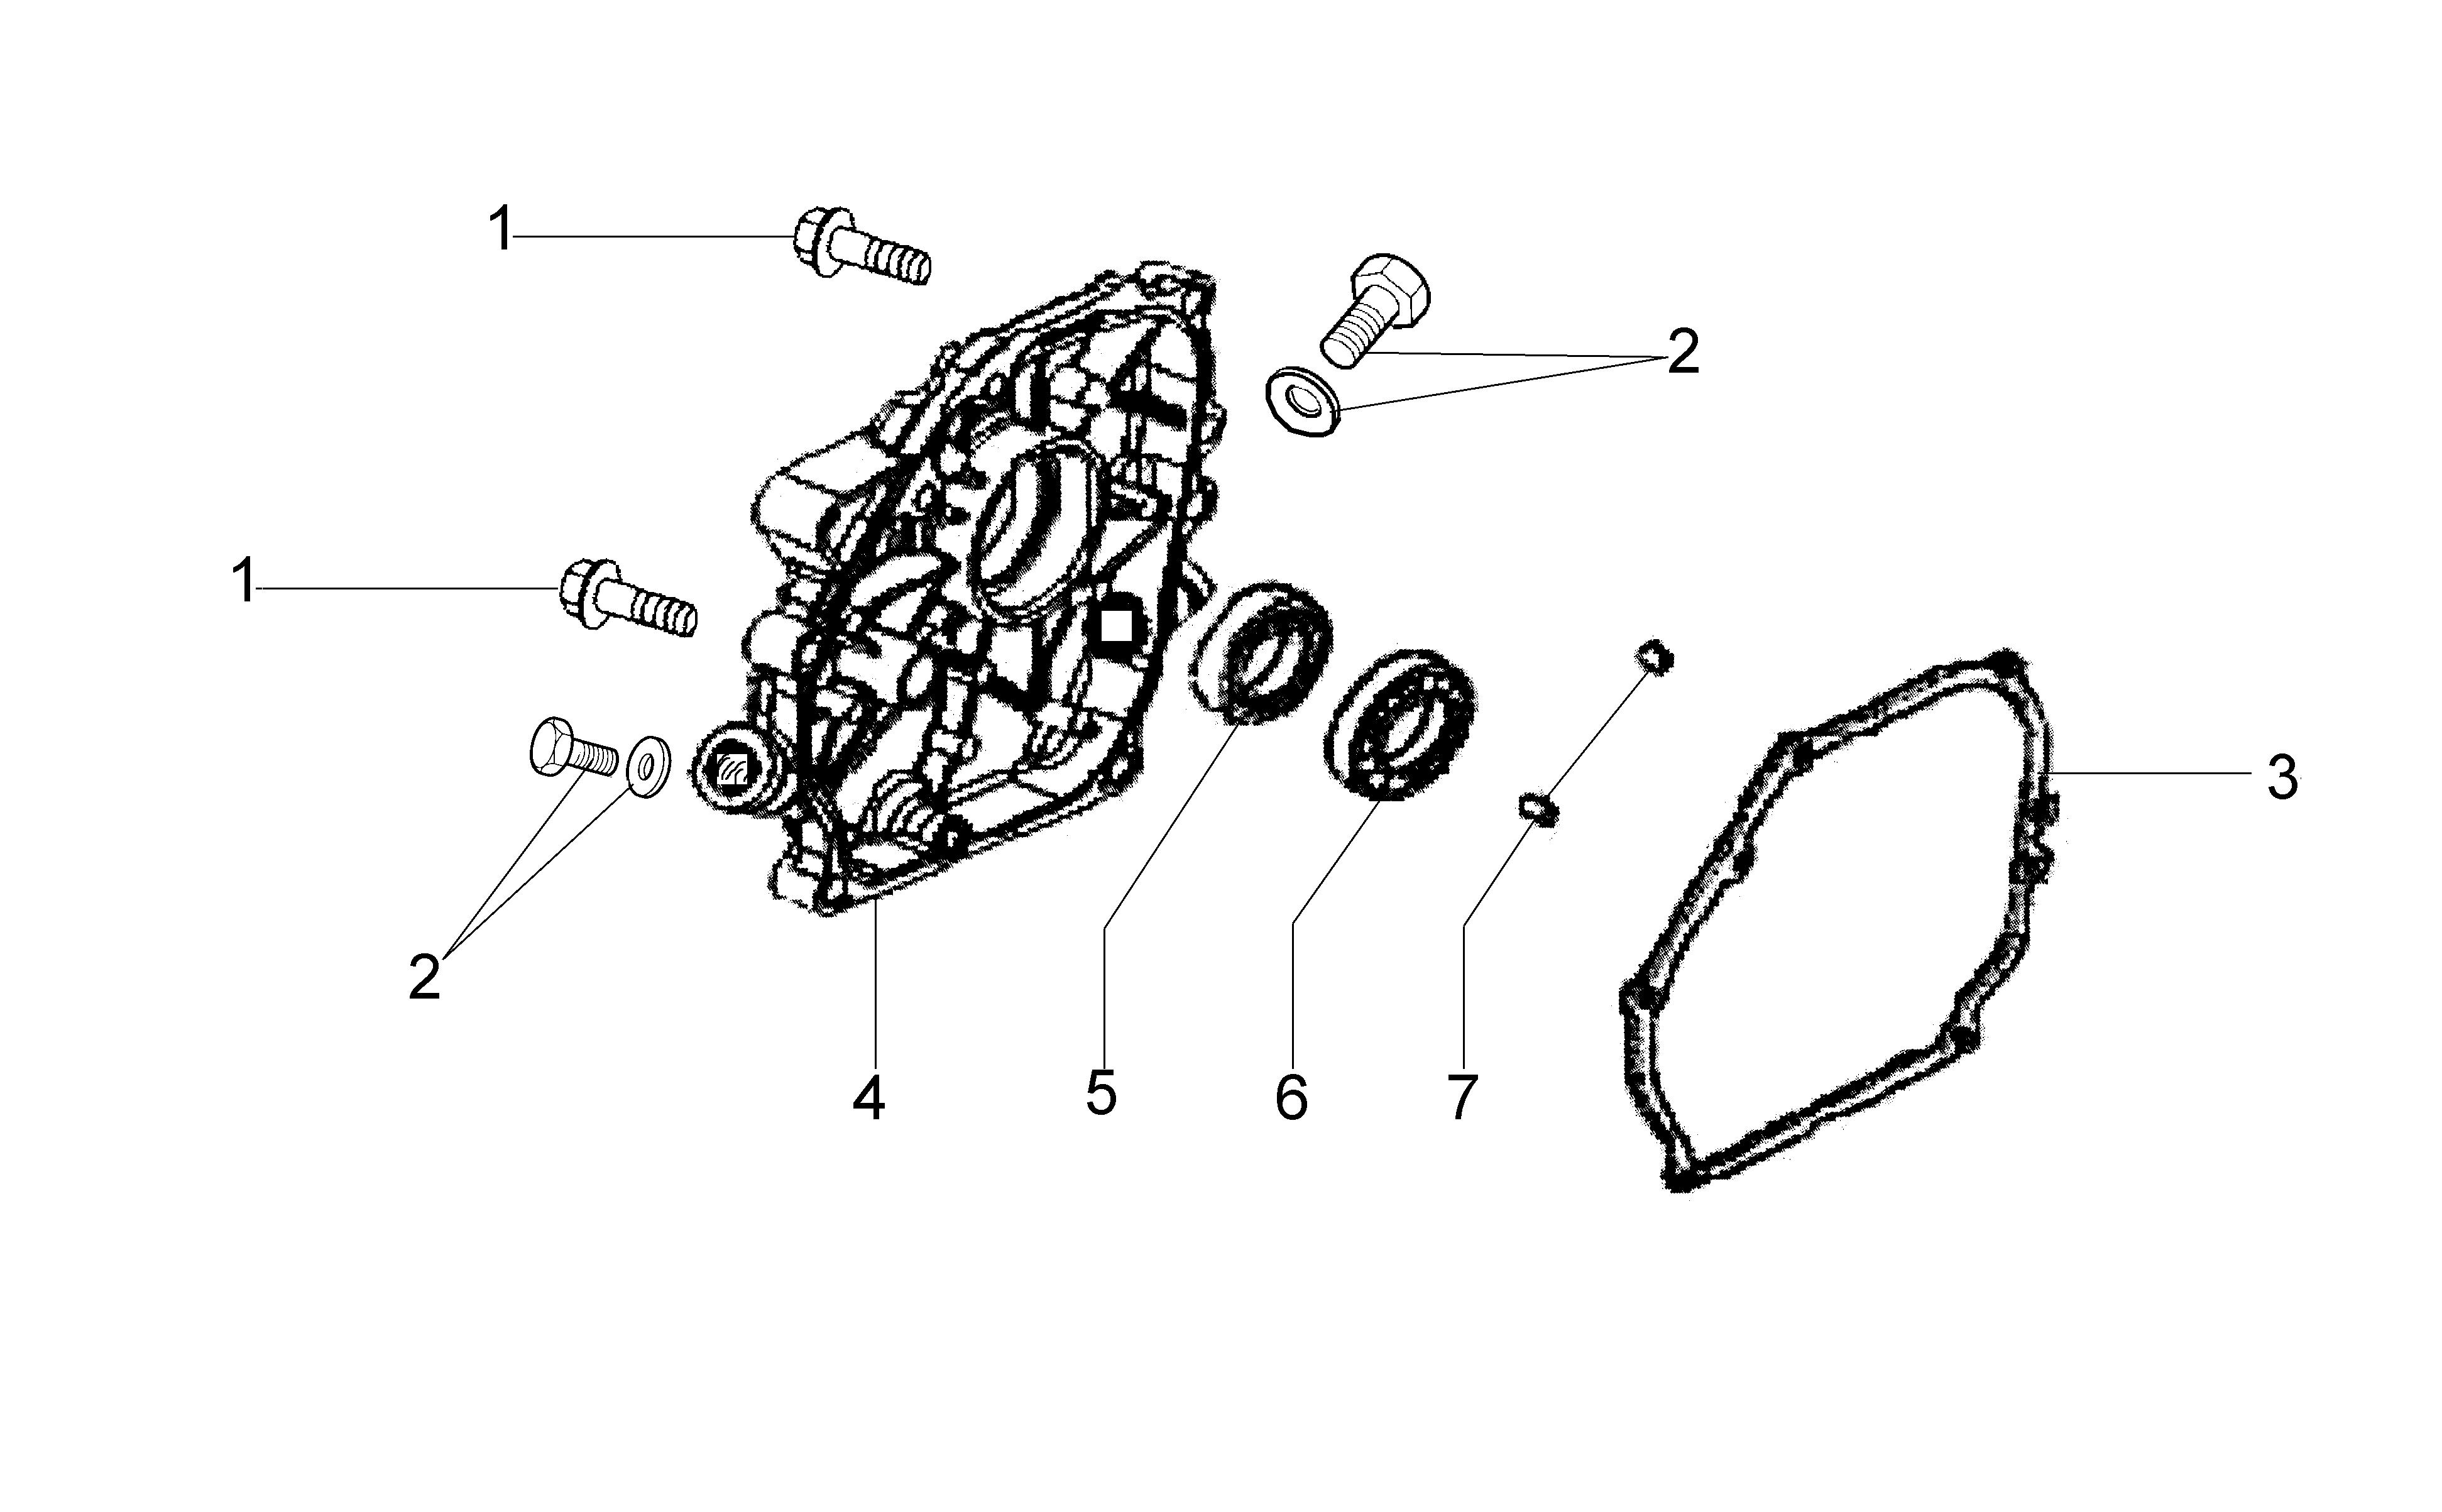 MH 180R - MH 180RK (K700 H) (EN709) Motobineuse oleomac Dessins pièces vue éclatée Couvercle soubassement